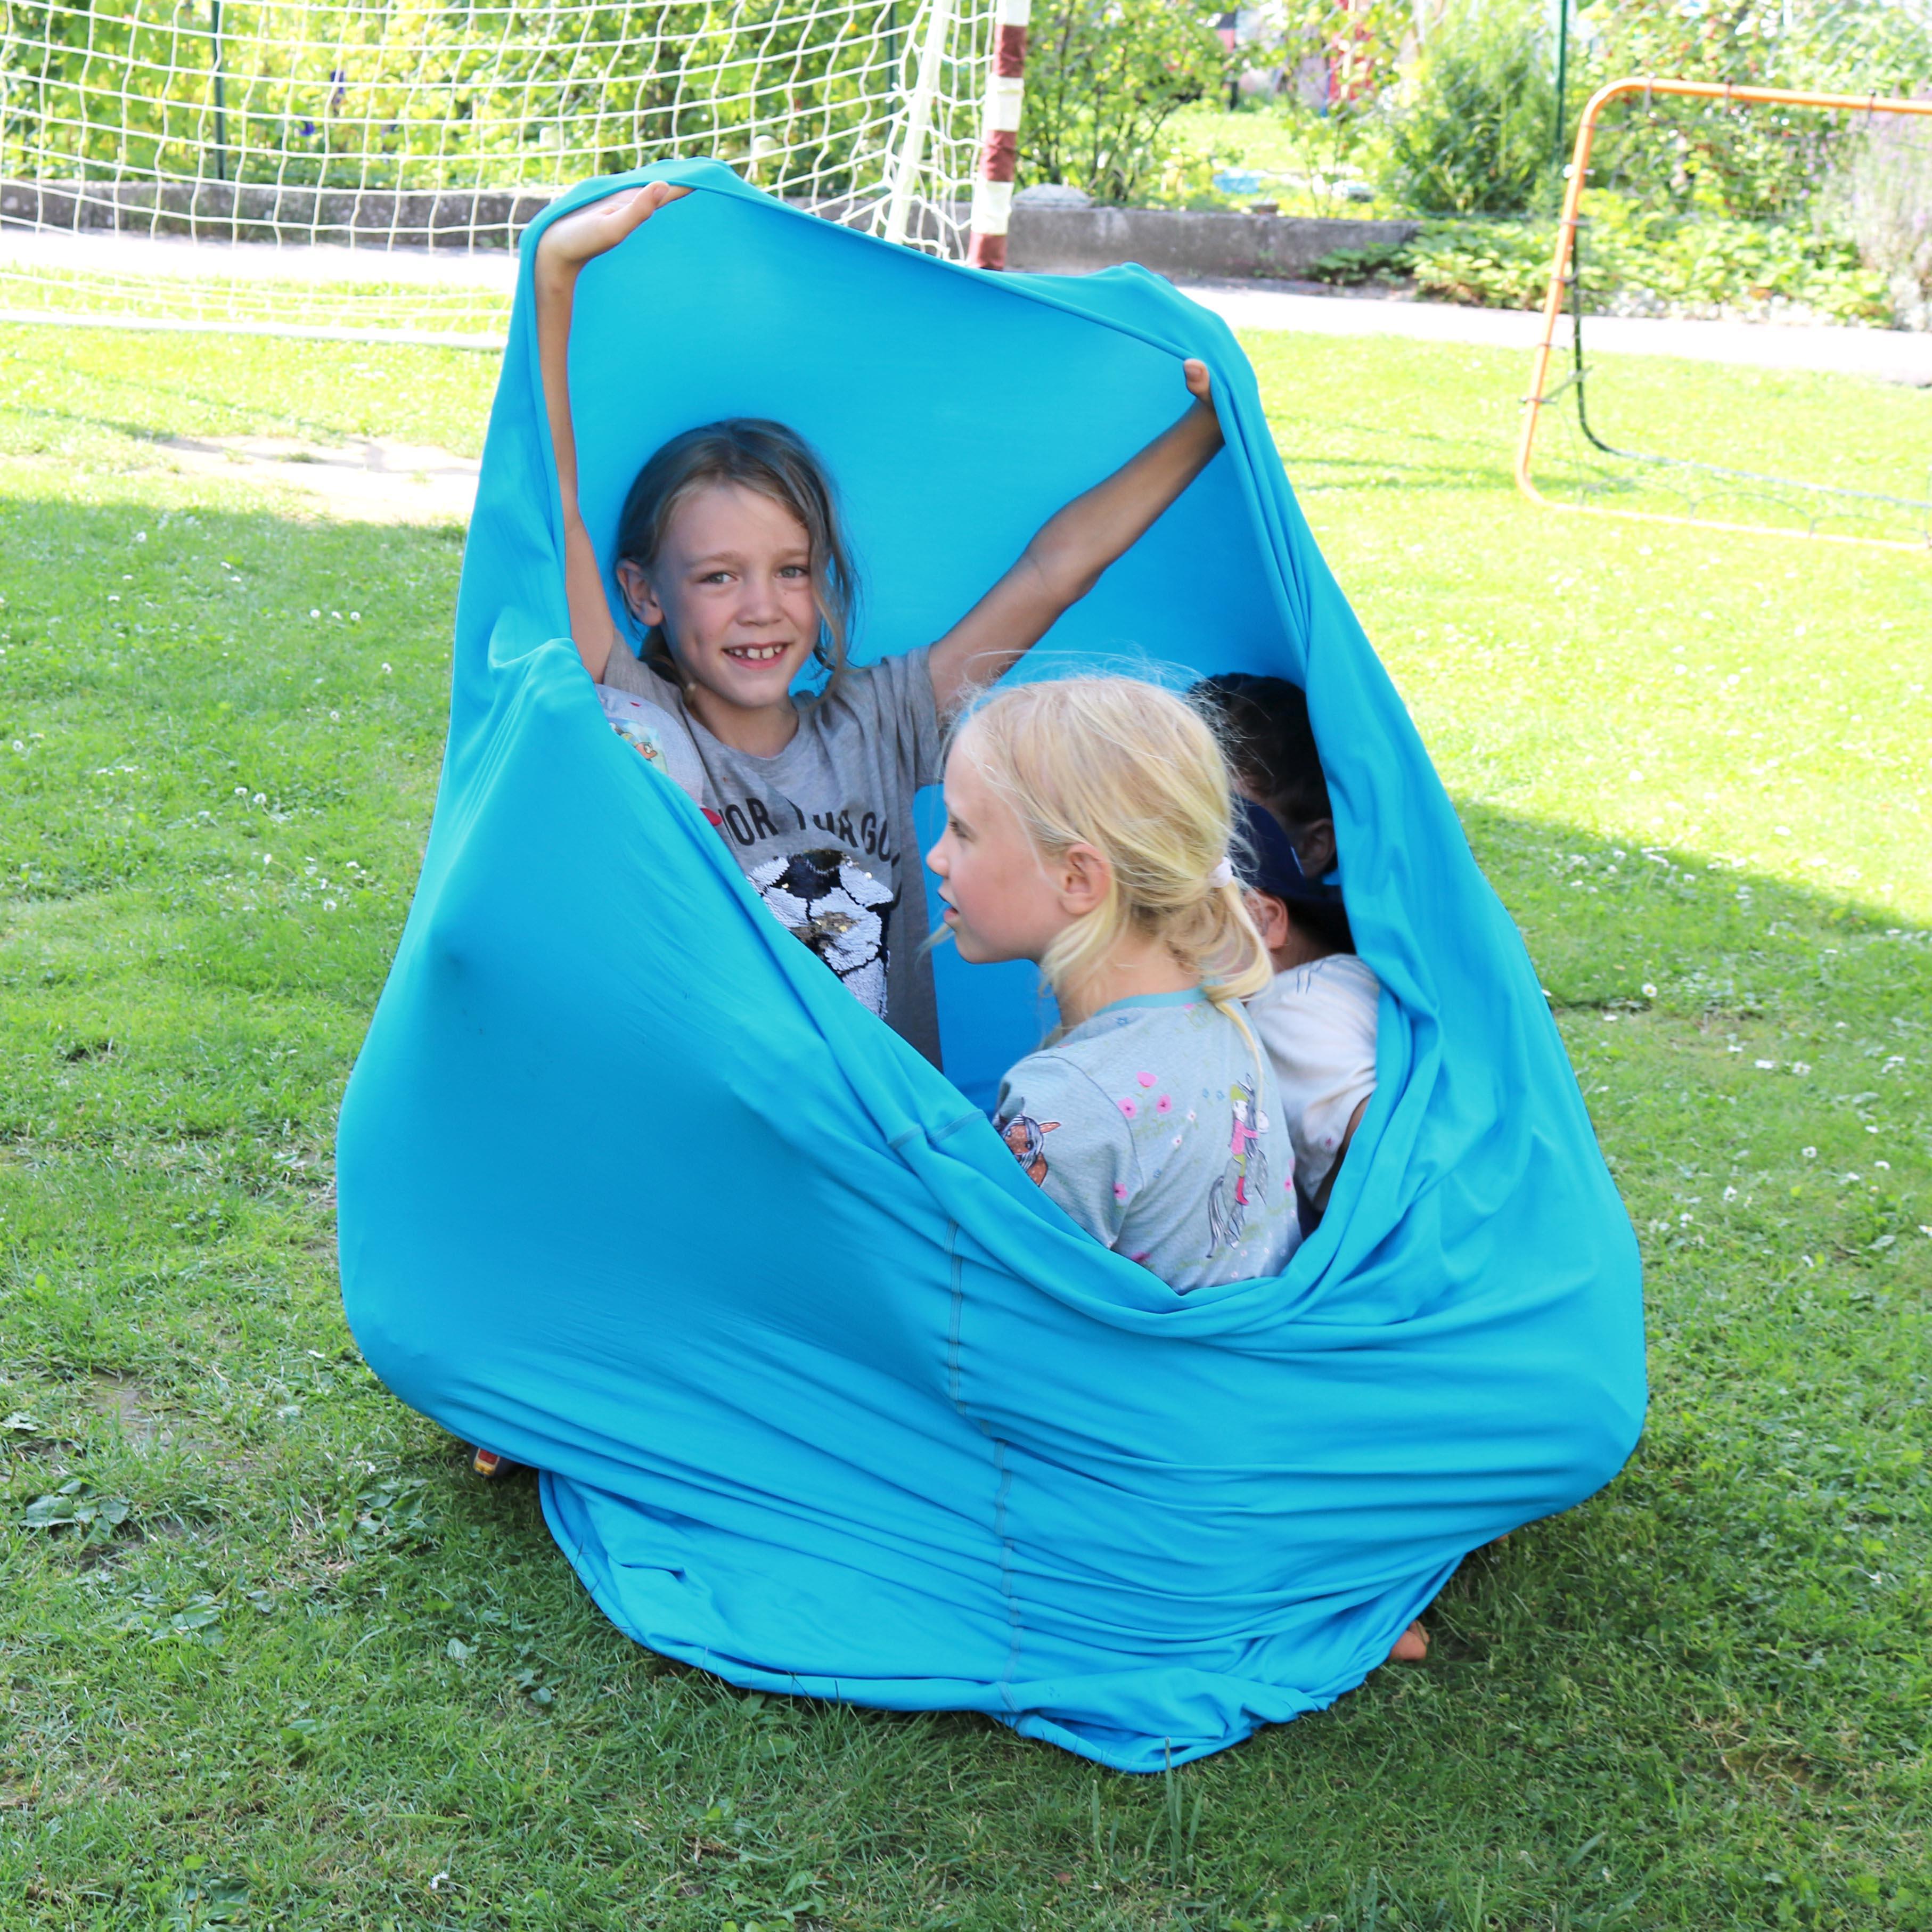 Kinder machen sich eine Höhle aus einem Erlebnistuch